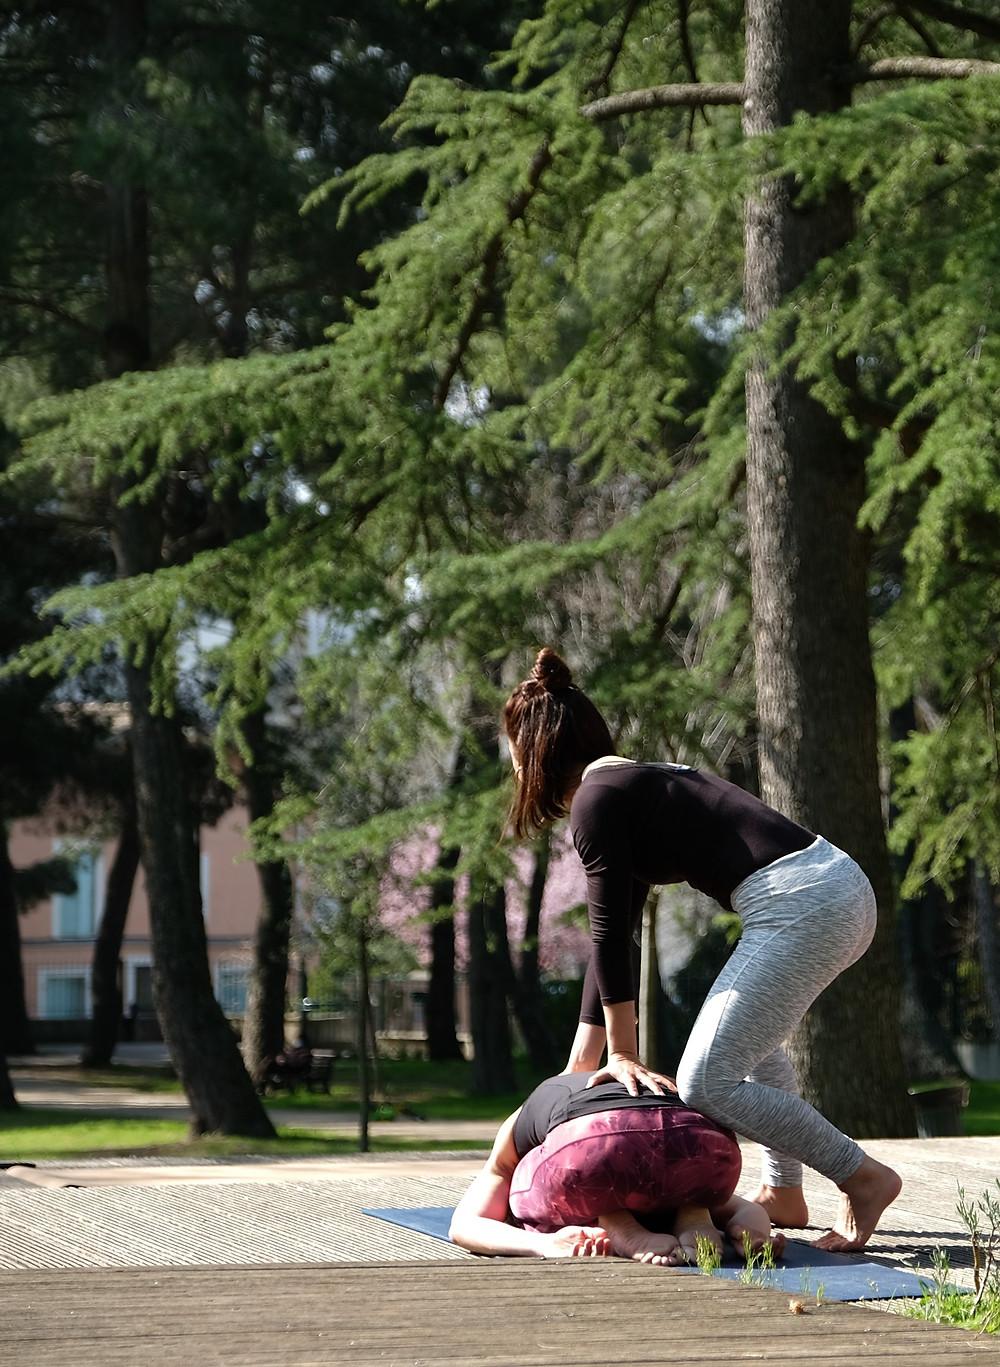 Yoga au parc de Montpellier - cours en extérieur le dimanche matin au soleil pour se ressourcer et atteindre un état de Bien-être et d'équilibre avec soi